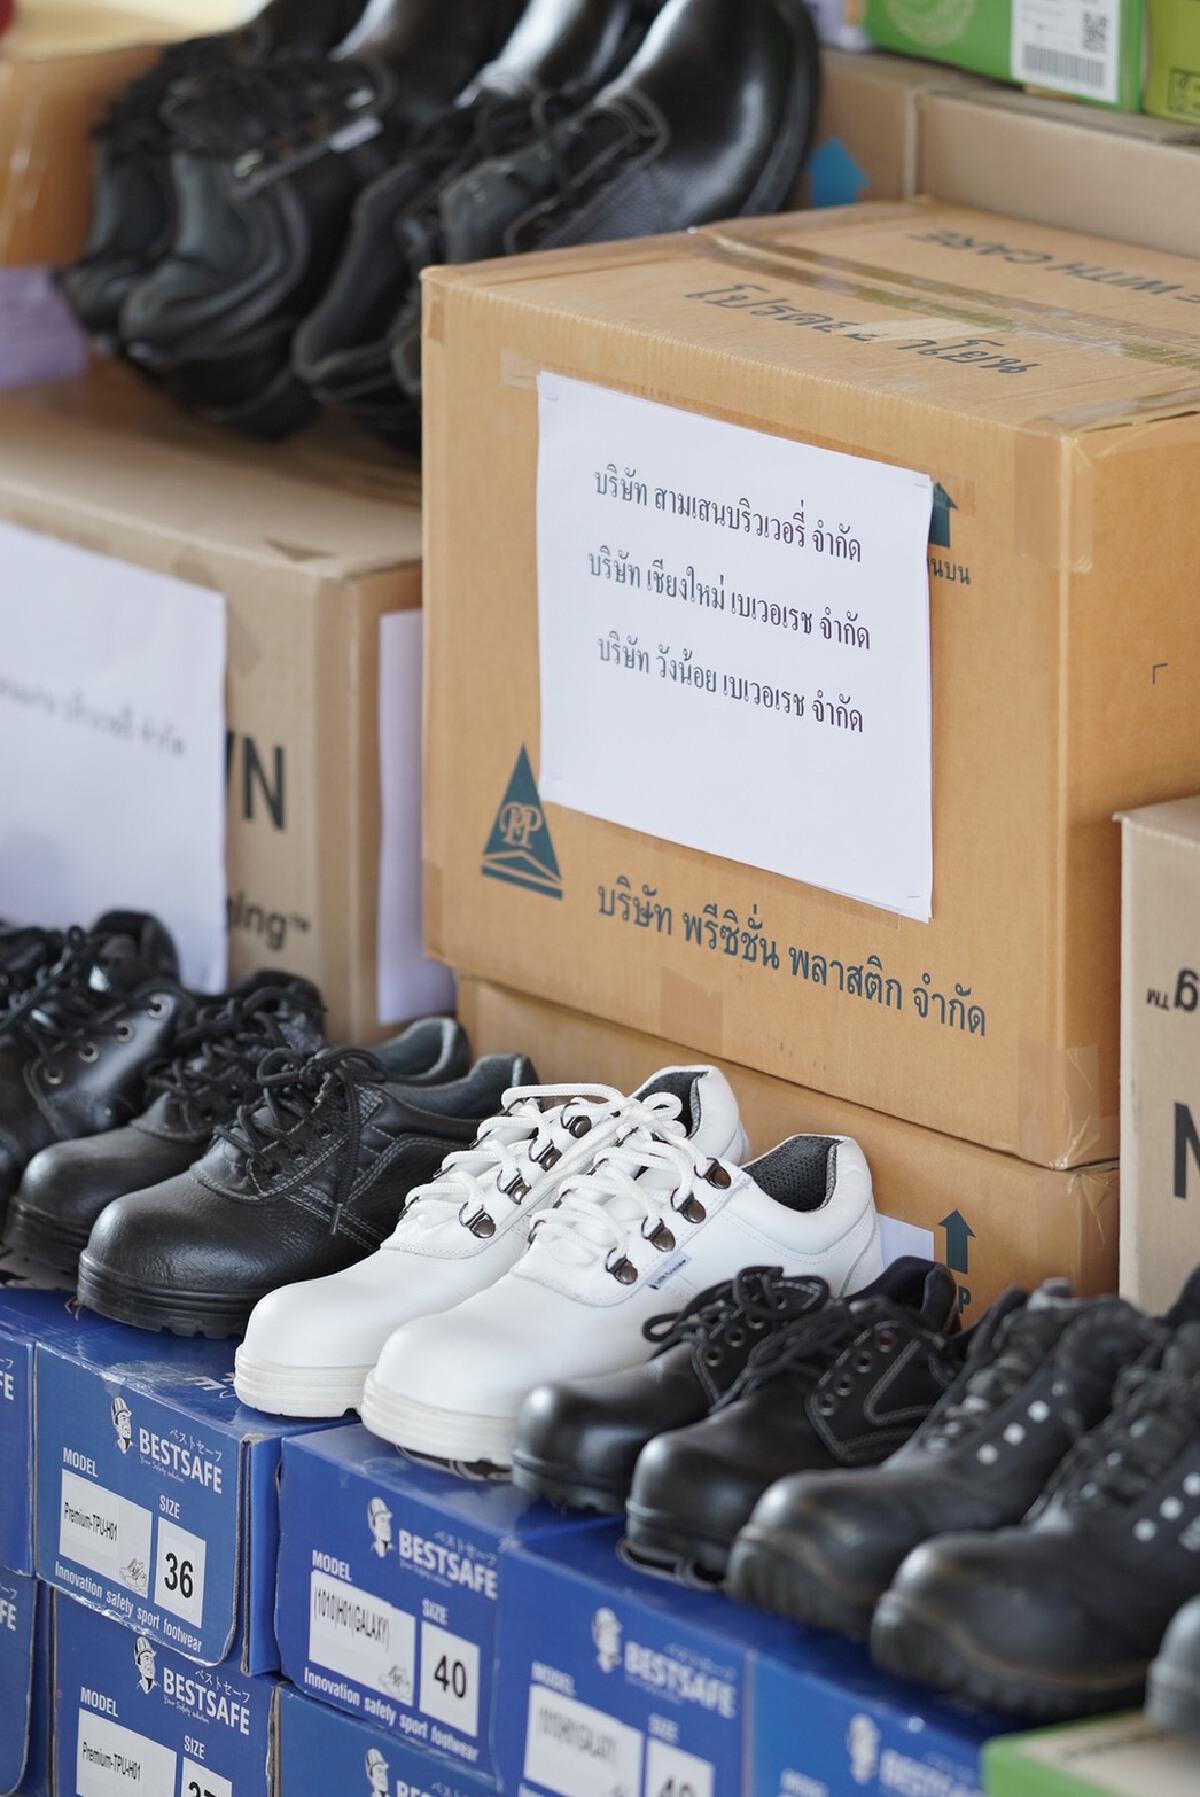 บุญรอดฯ มอบรองเท้าจากโรงงานในเครือฯ  แก่อาสาสมัครดับไฟป่าเชียงใหม่